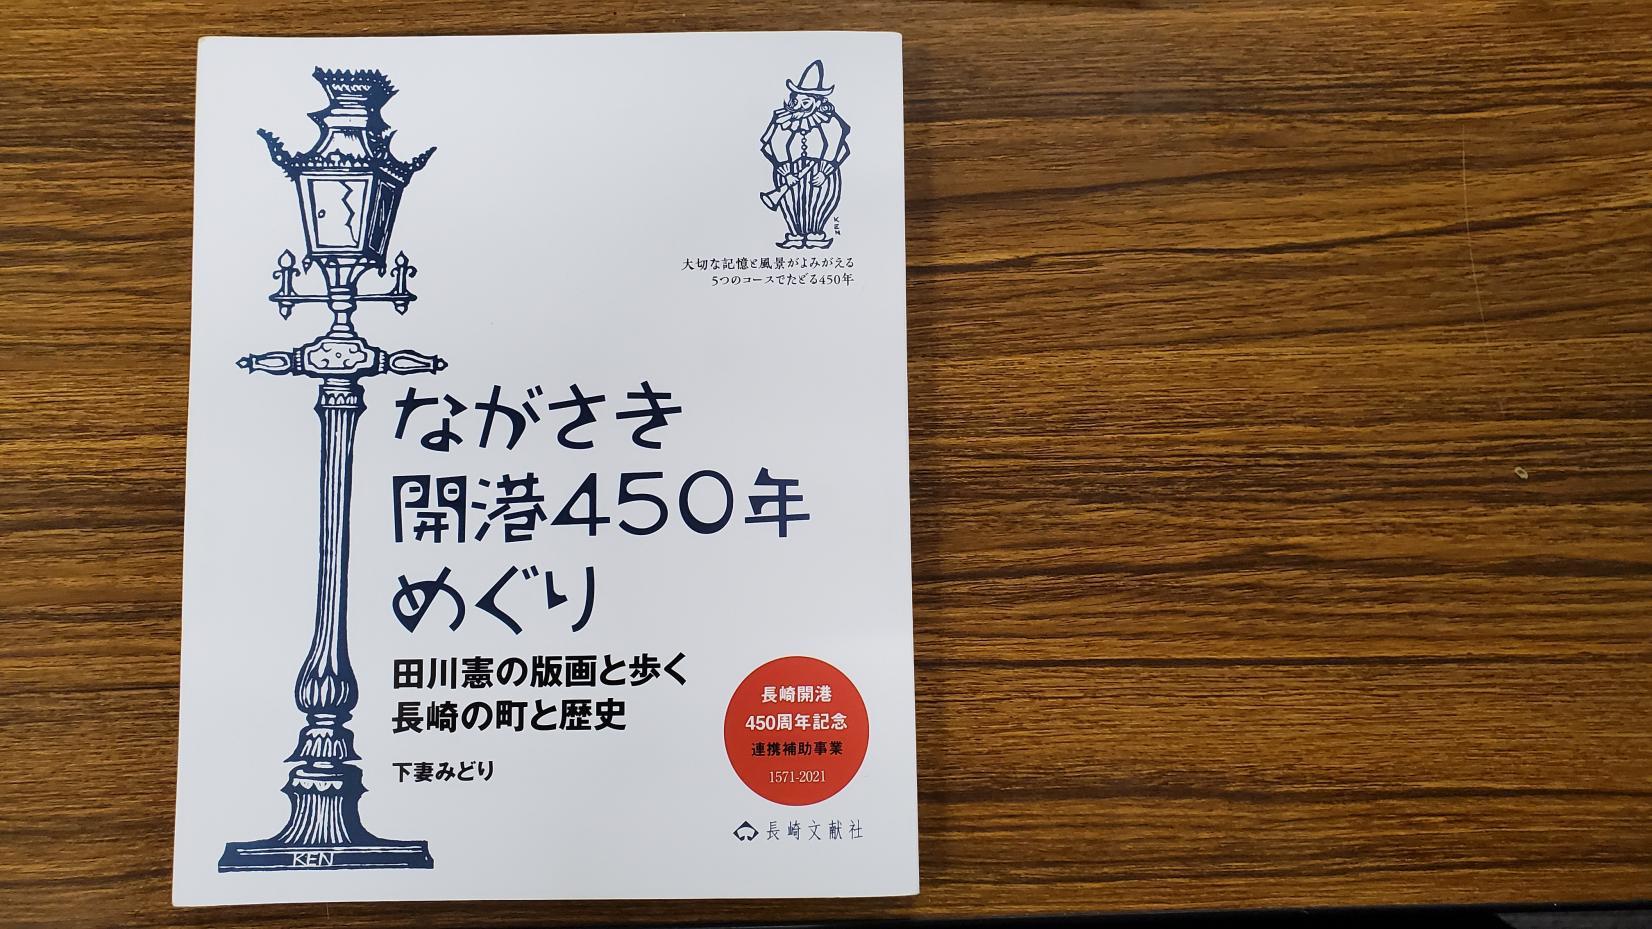 ながさき開港450年めぐり 田川憲の版画と歩く長崎の町と歴史-0